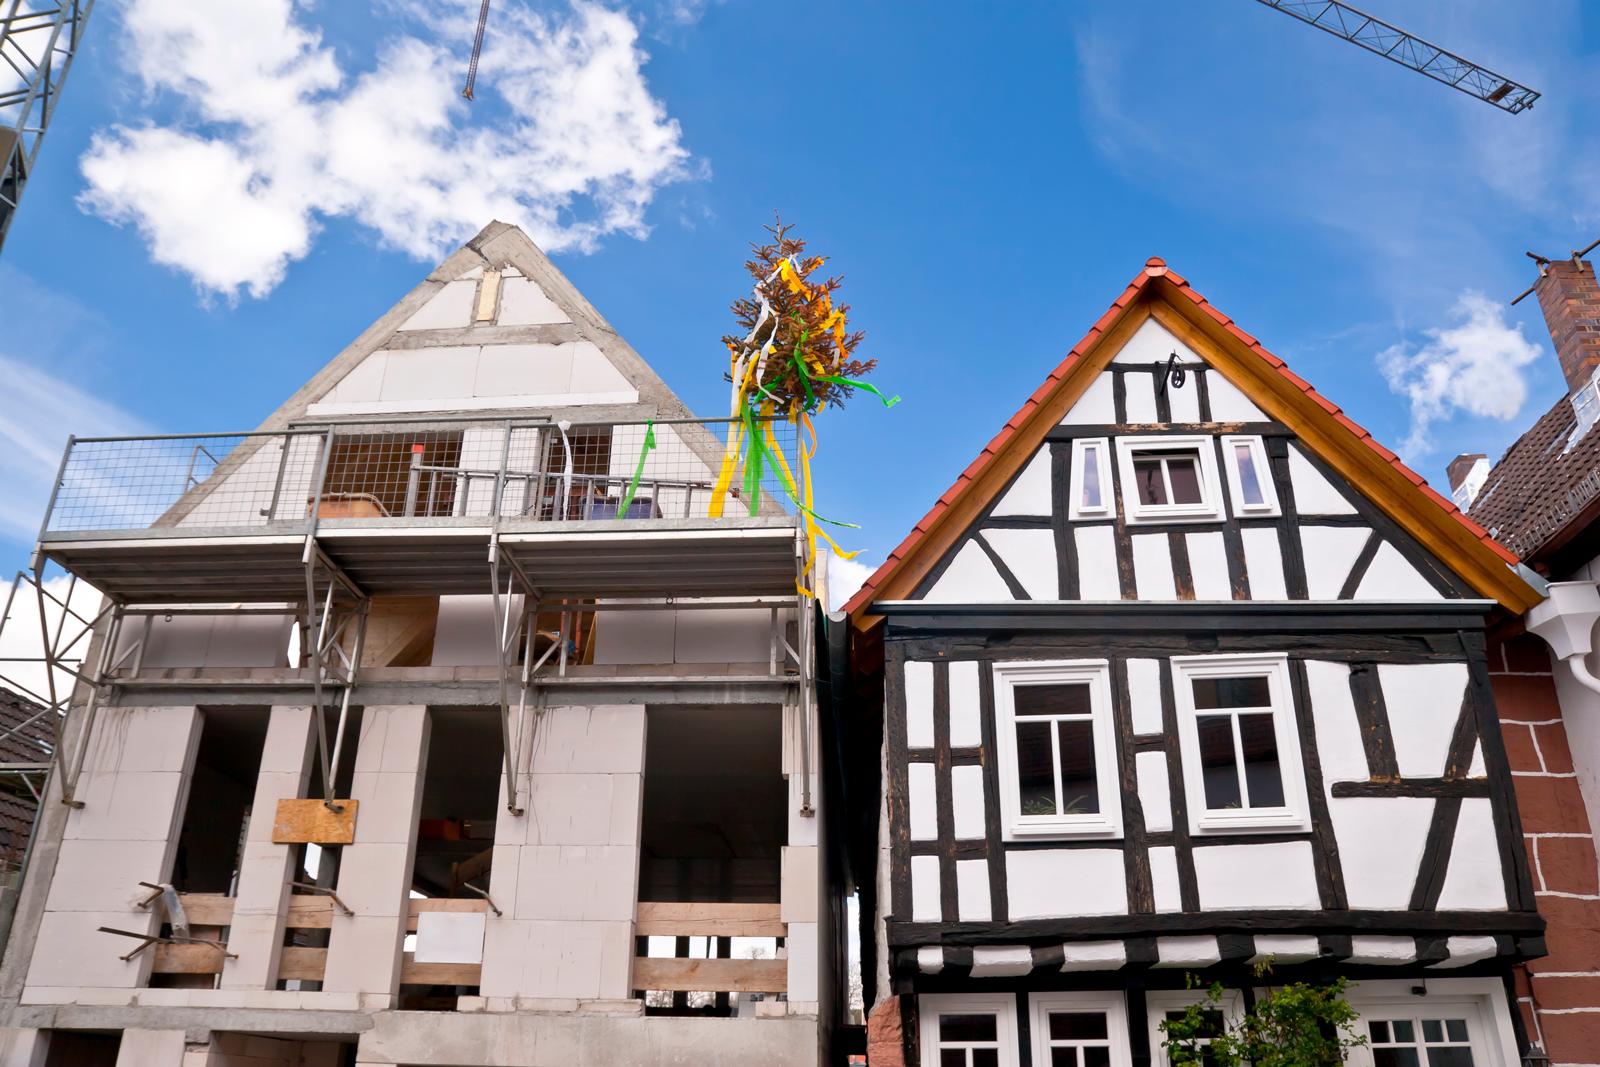 Nicht nur eine Frage des Geschmacks: Neubauten und Altbauten haben ihre jeweils eigenen Vorteile.